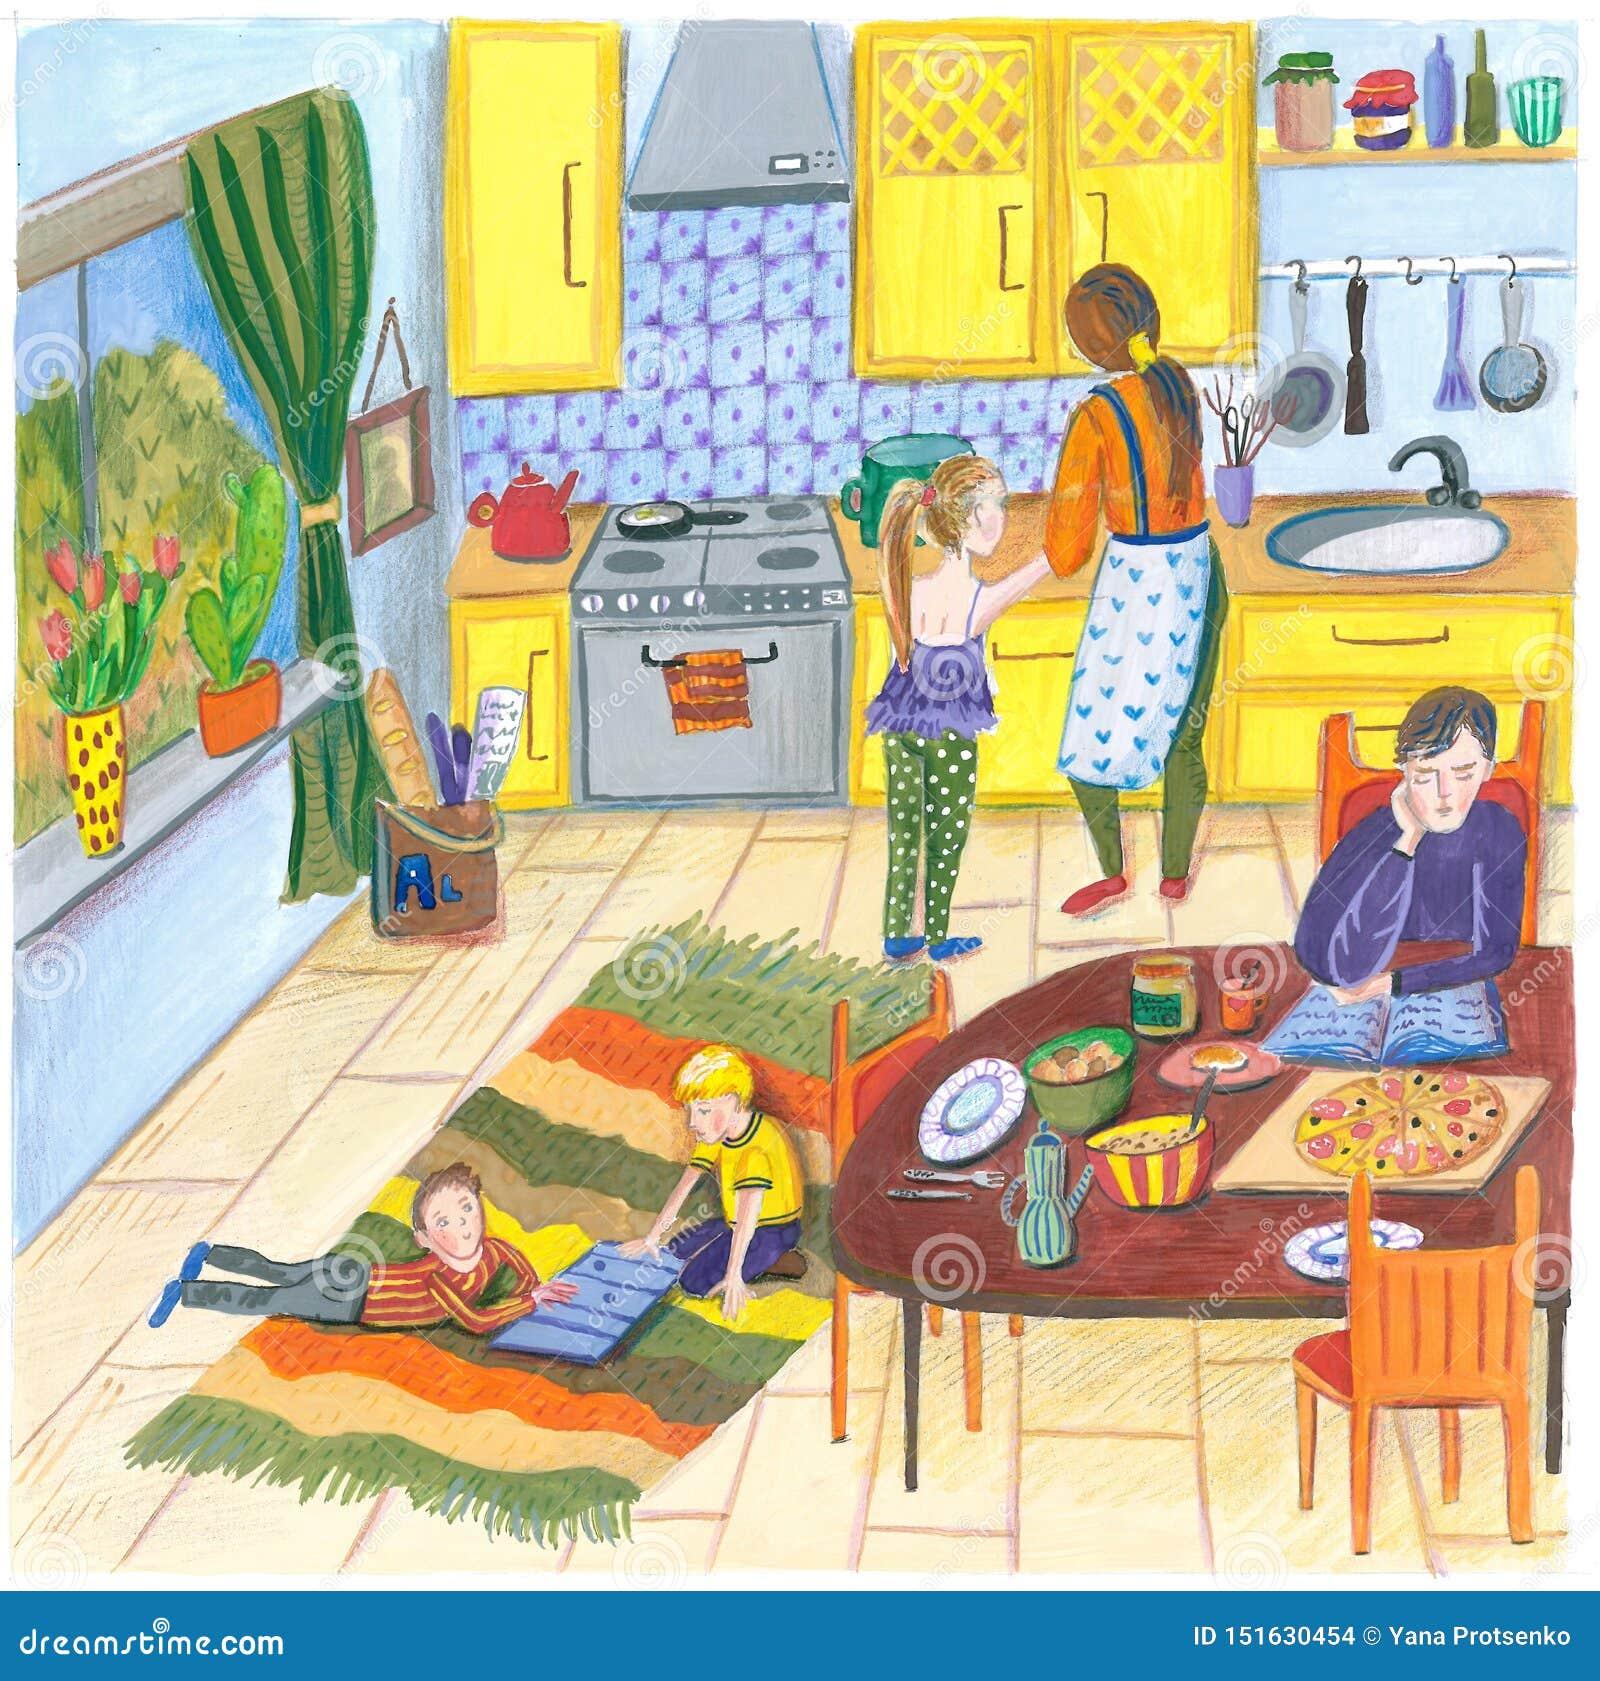 Illustratie van een gelukkige familie thuis in de keuken voor lunch, diner of ontbijt, moeder, vader, kind en hond in a